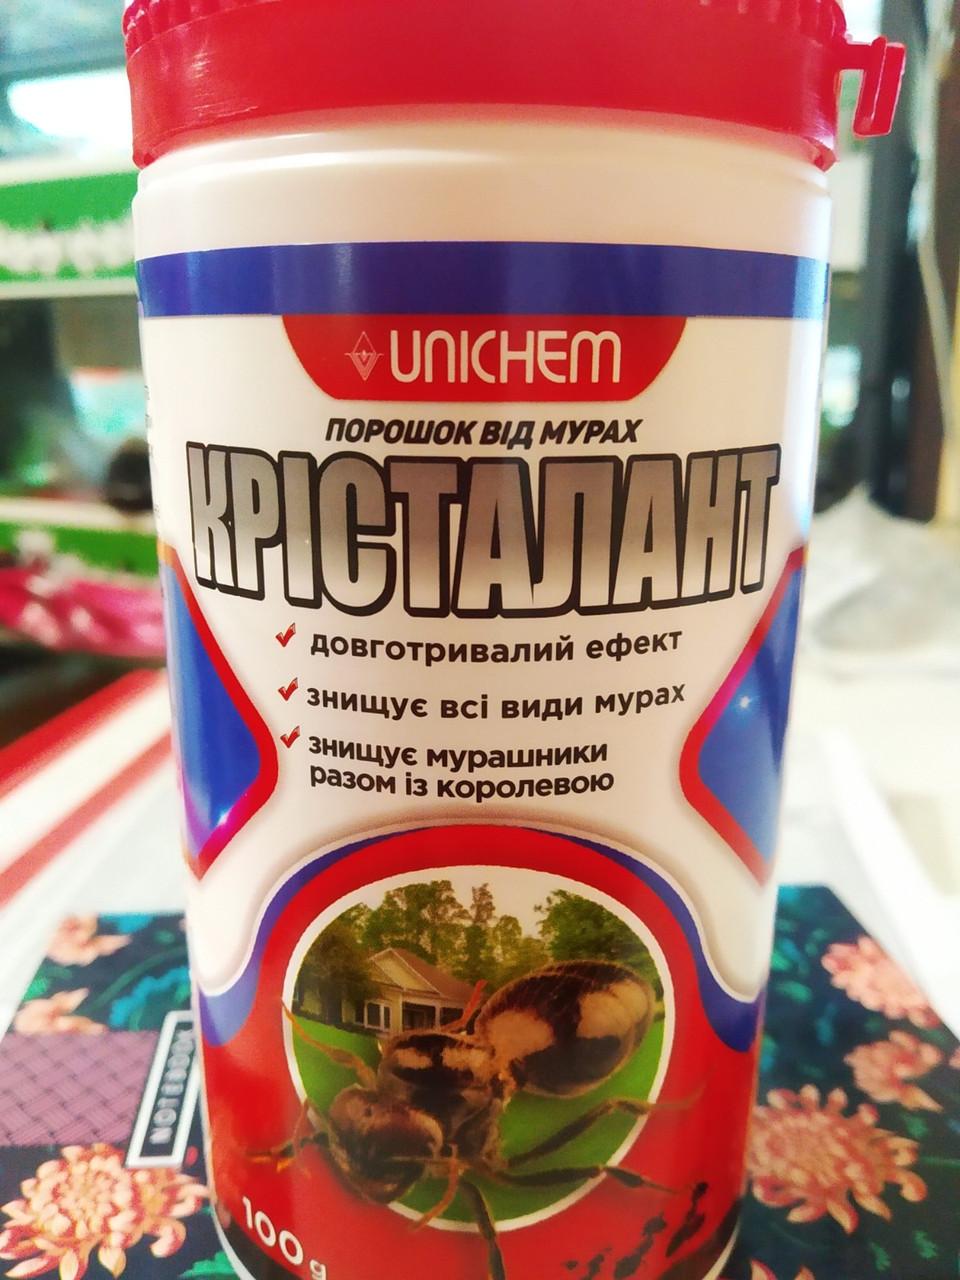 Порошок инсектицид против всех видов муравьев Кристалант 100 грамм Unihem Словения